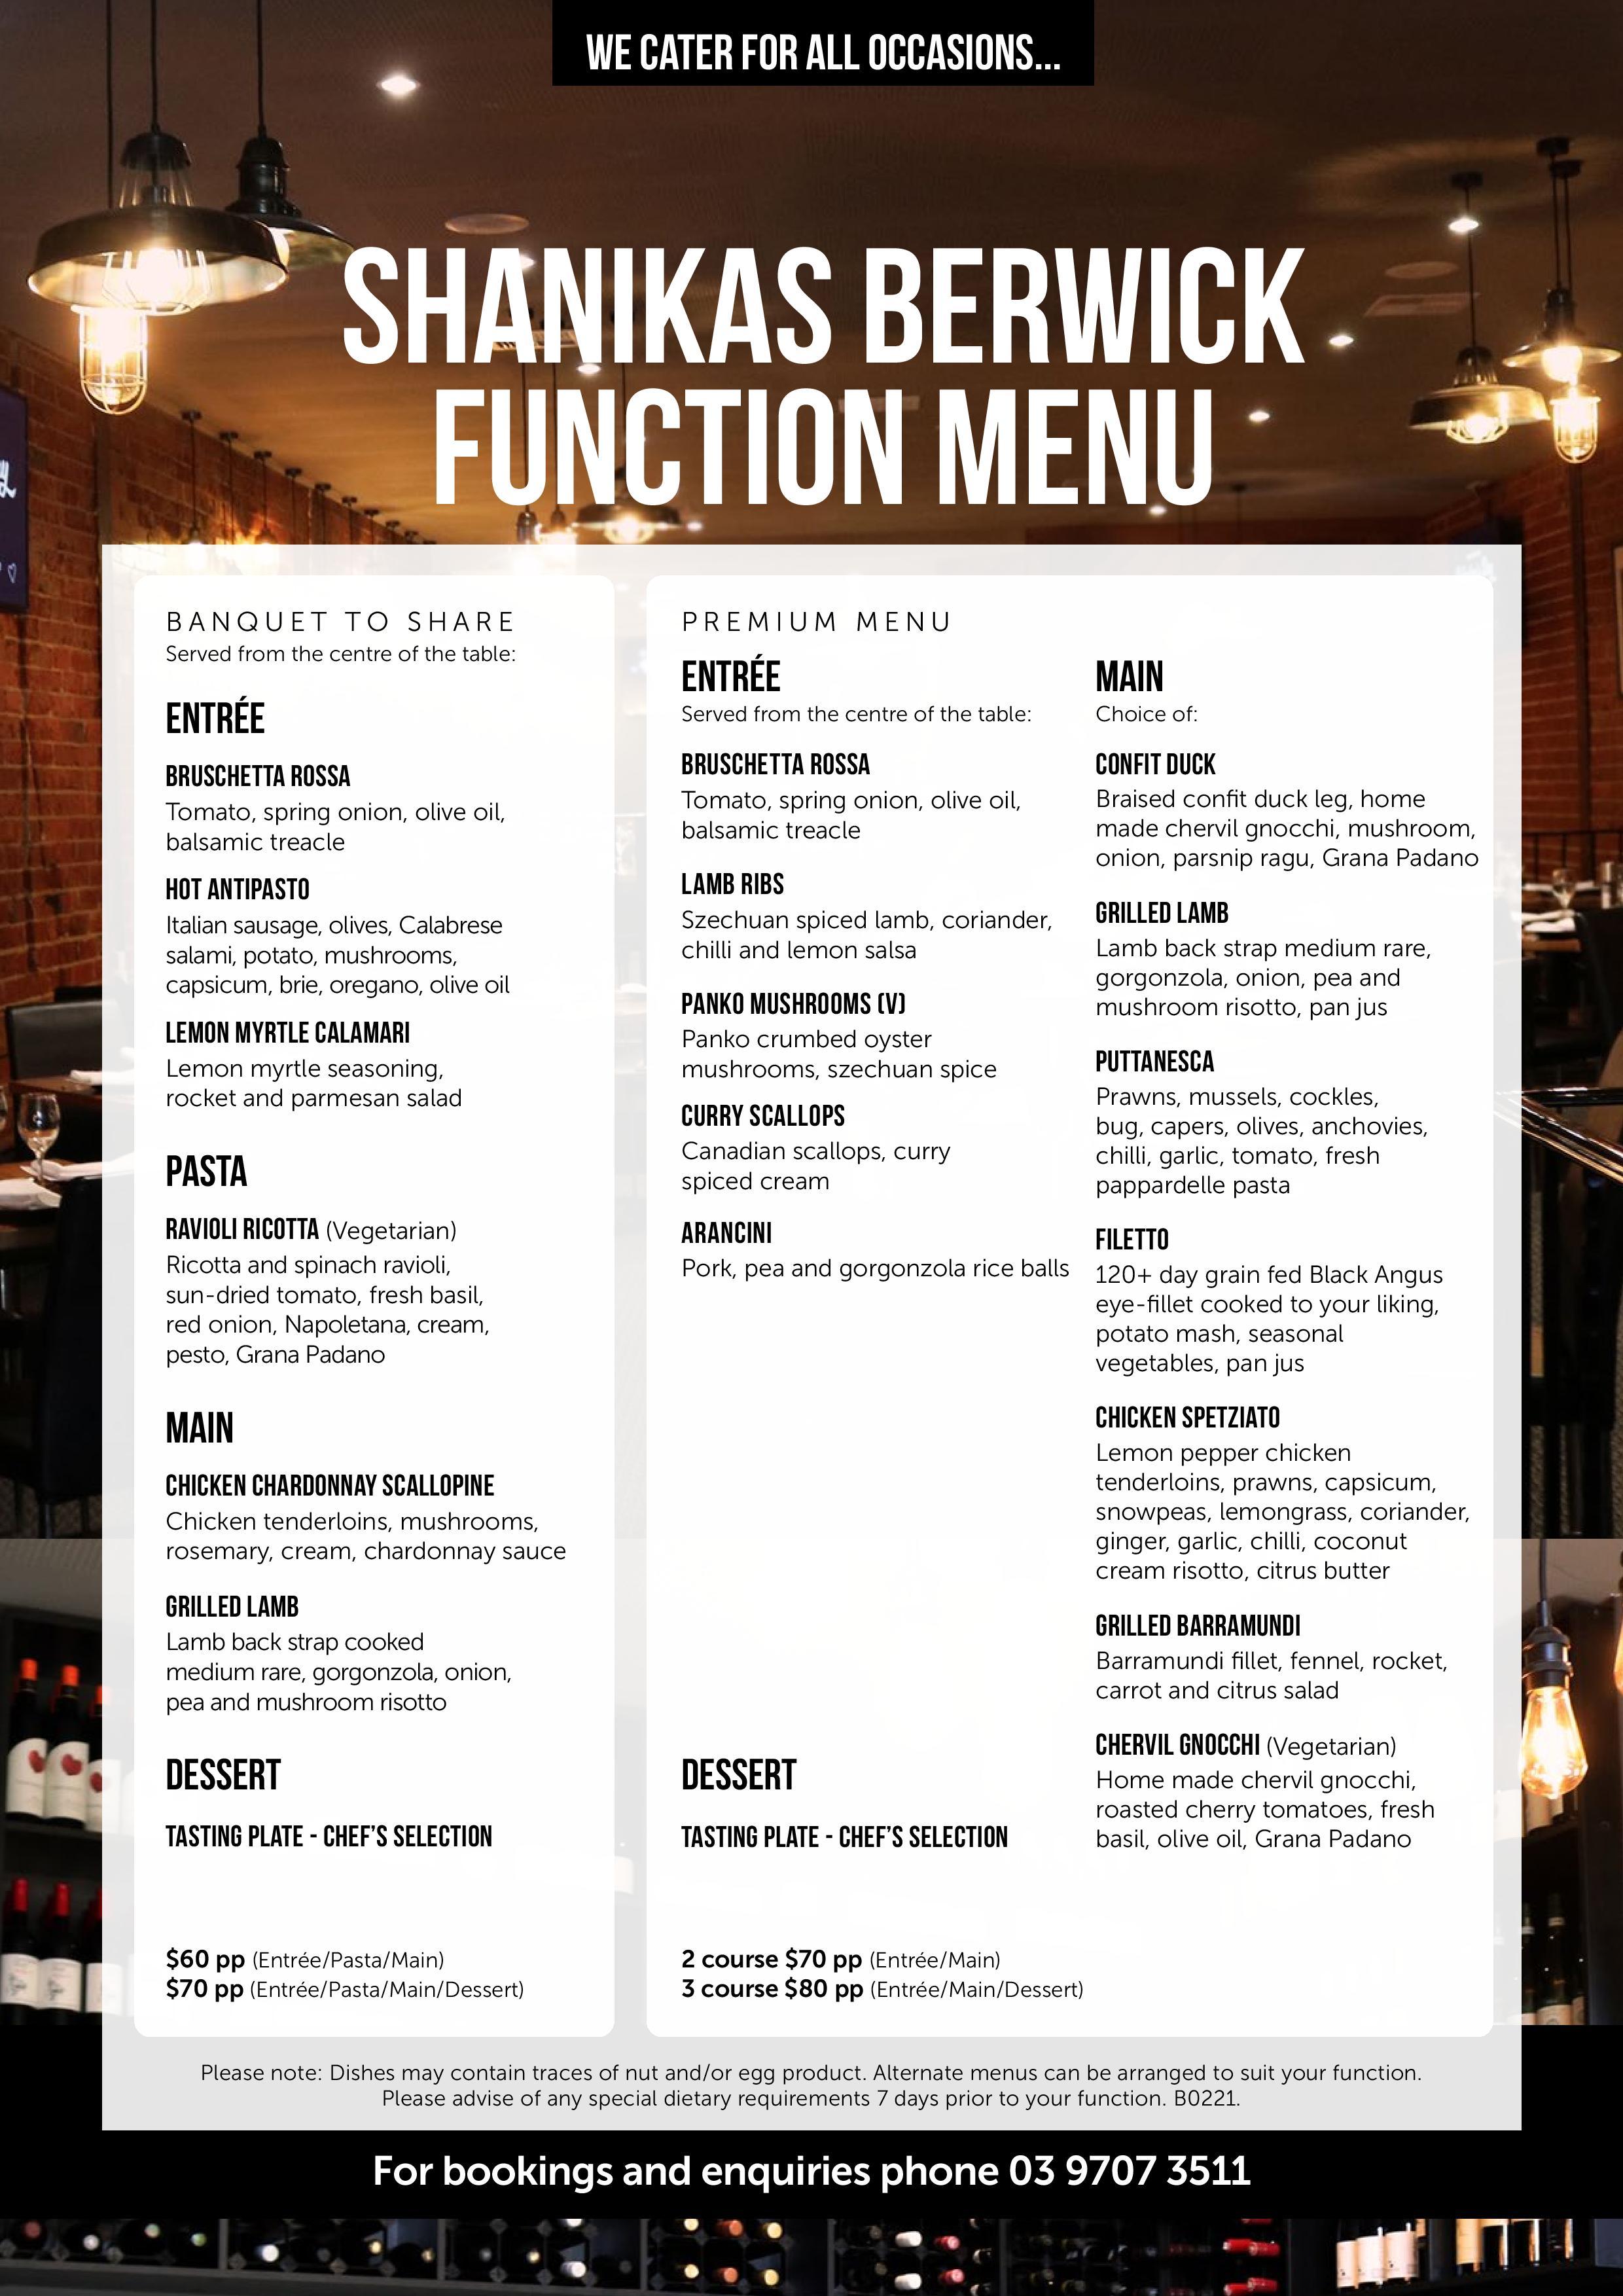 Shanikas Berwick Function menu